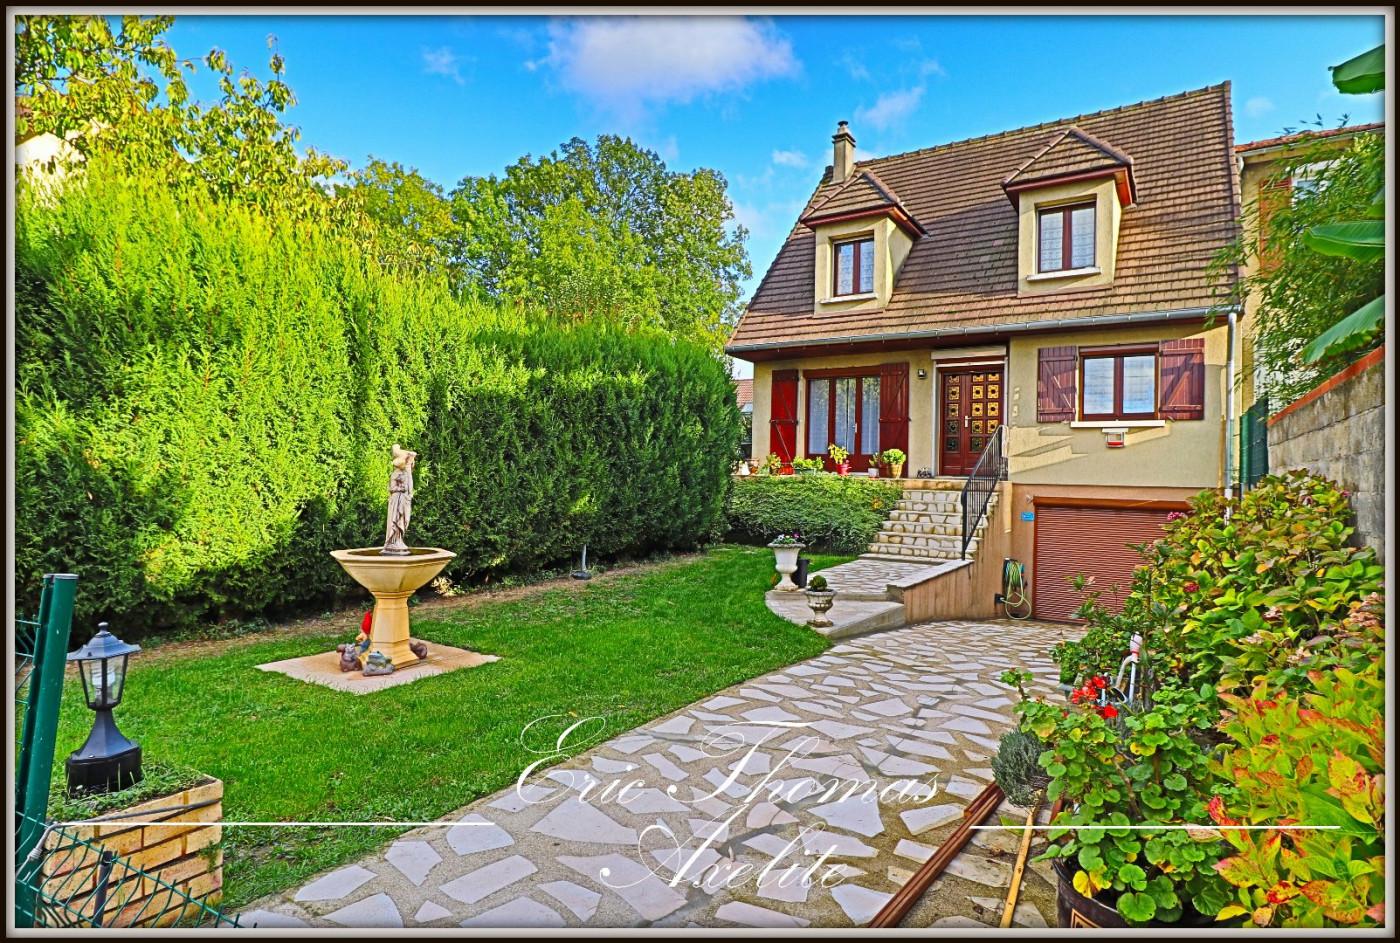 A vendre Villeneuve Saint Georges 777921724 Axelite sas